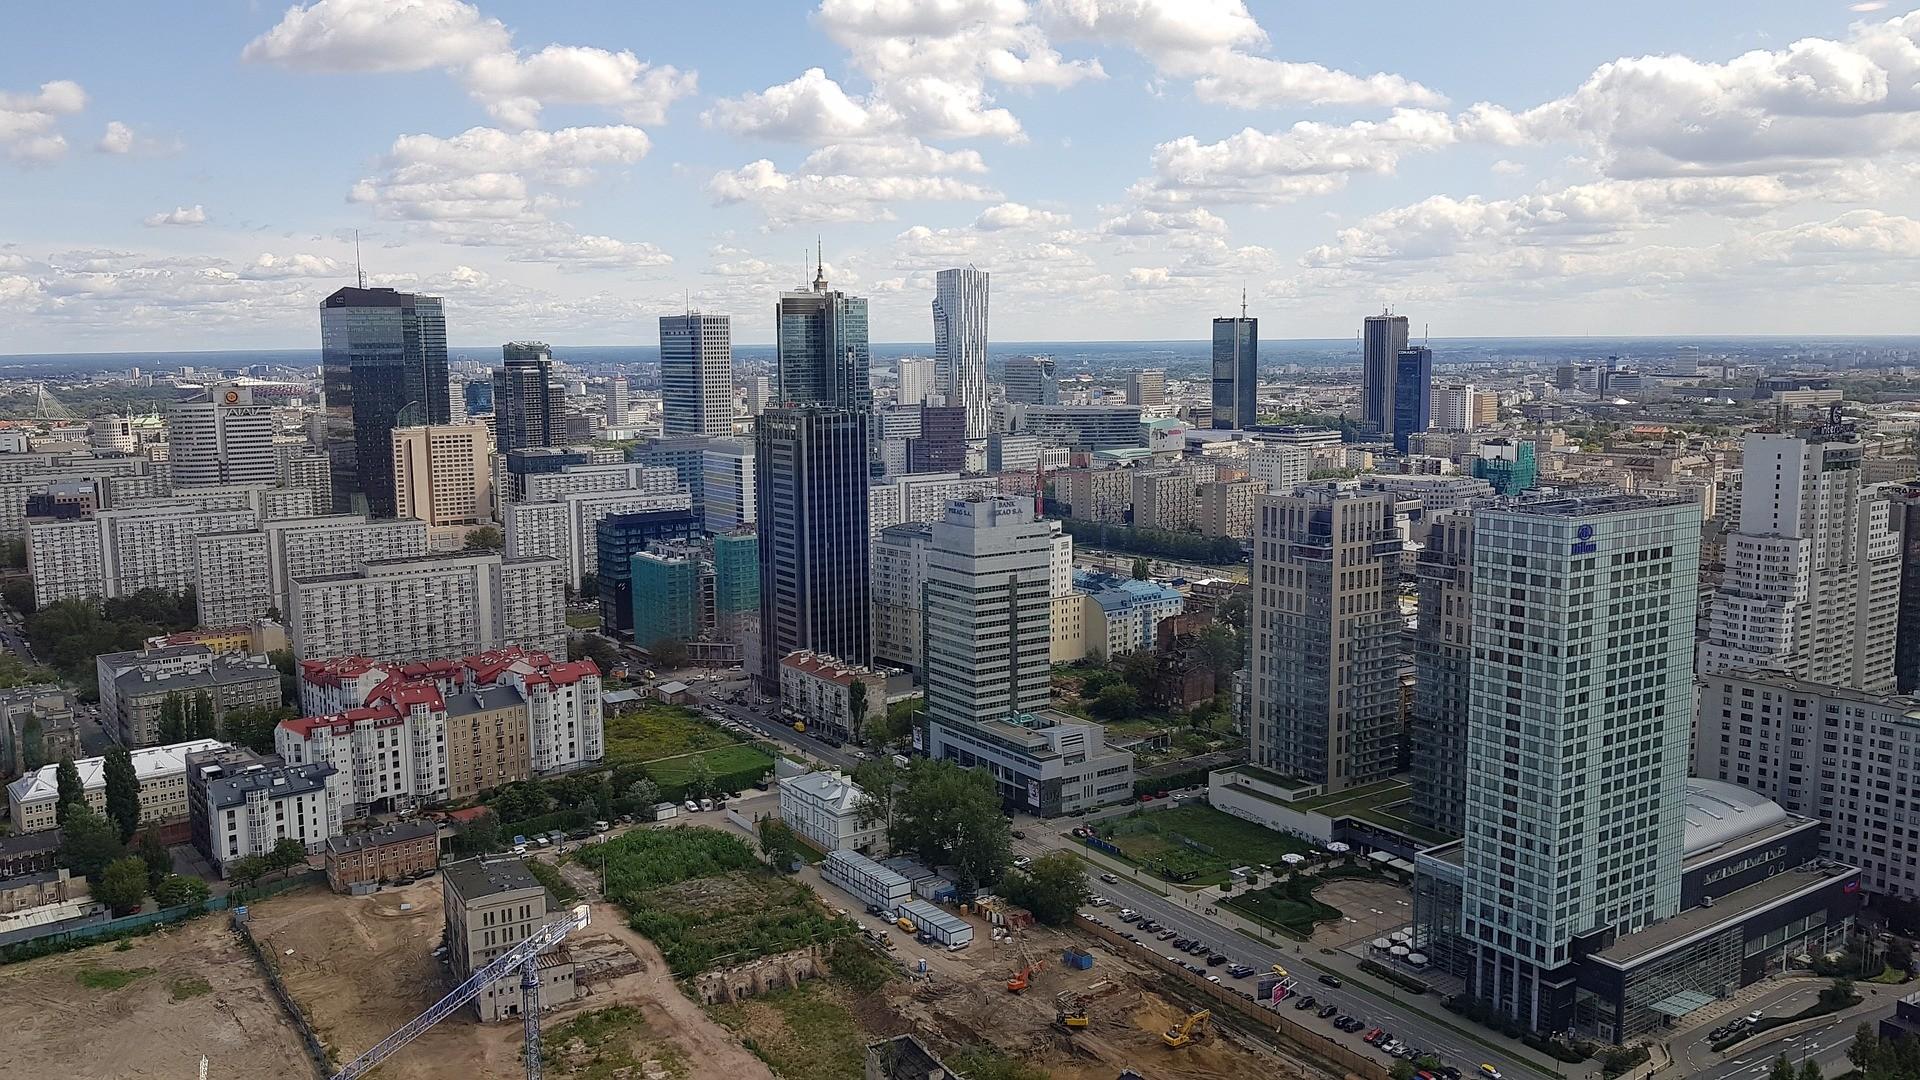 Erasmusowe doświadczenia z Warszawy, Polska oczami Derek'a